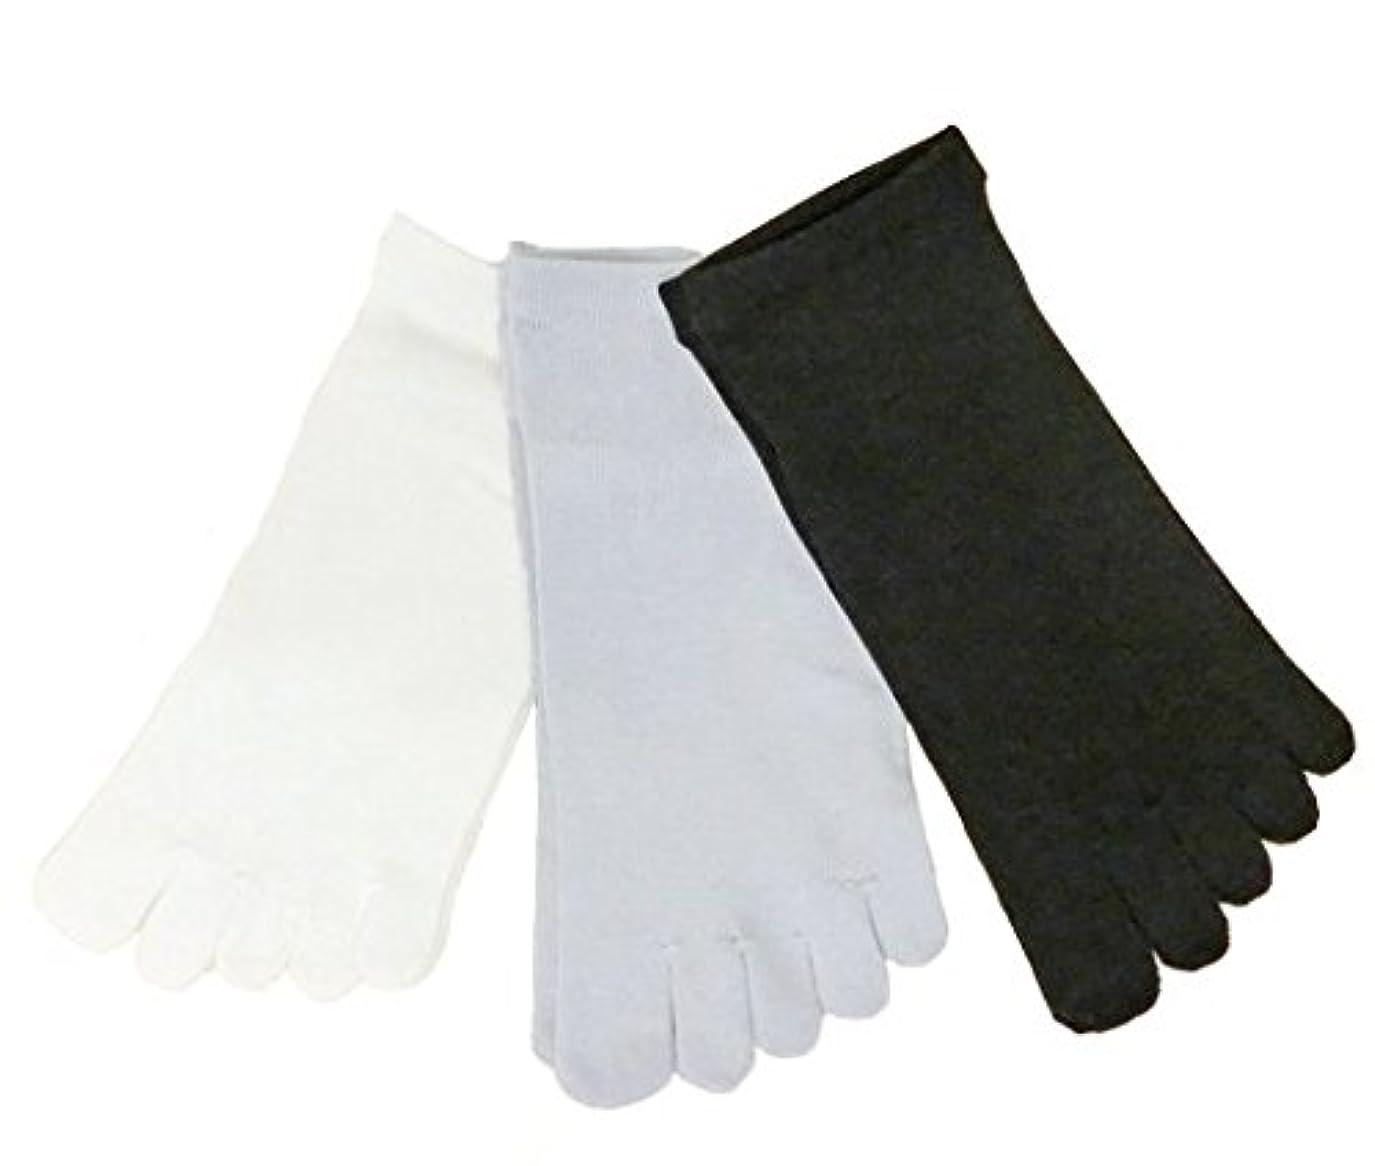 マウントポーク半径【3足セット】シルク 五本指 ソックス 25-27cm 日本製 (アソート)絹 靴下